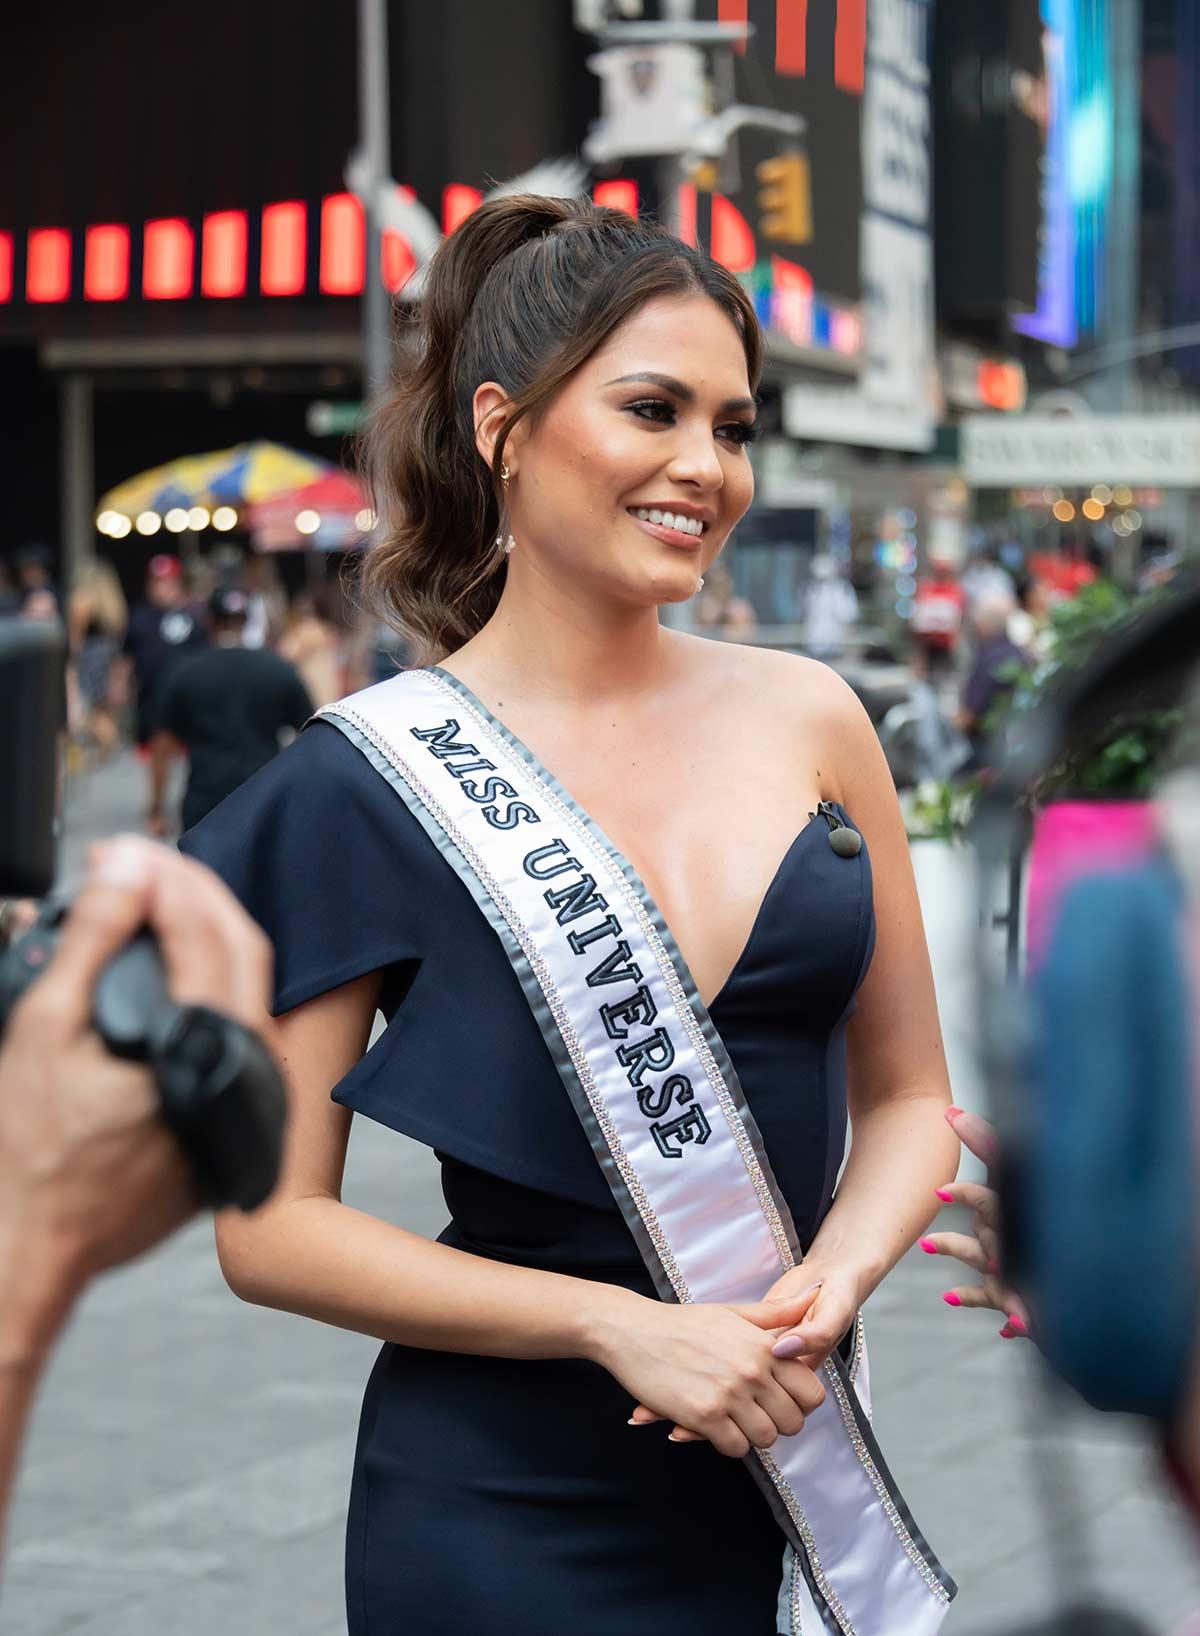 """""""En Miss Universo no hay patriarcado, al contrario"""", dice Andrea Meza - Revista Cosmopolitan 4"""